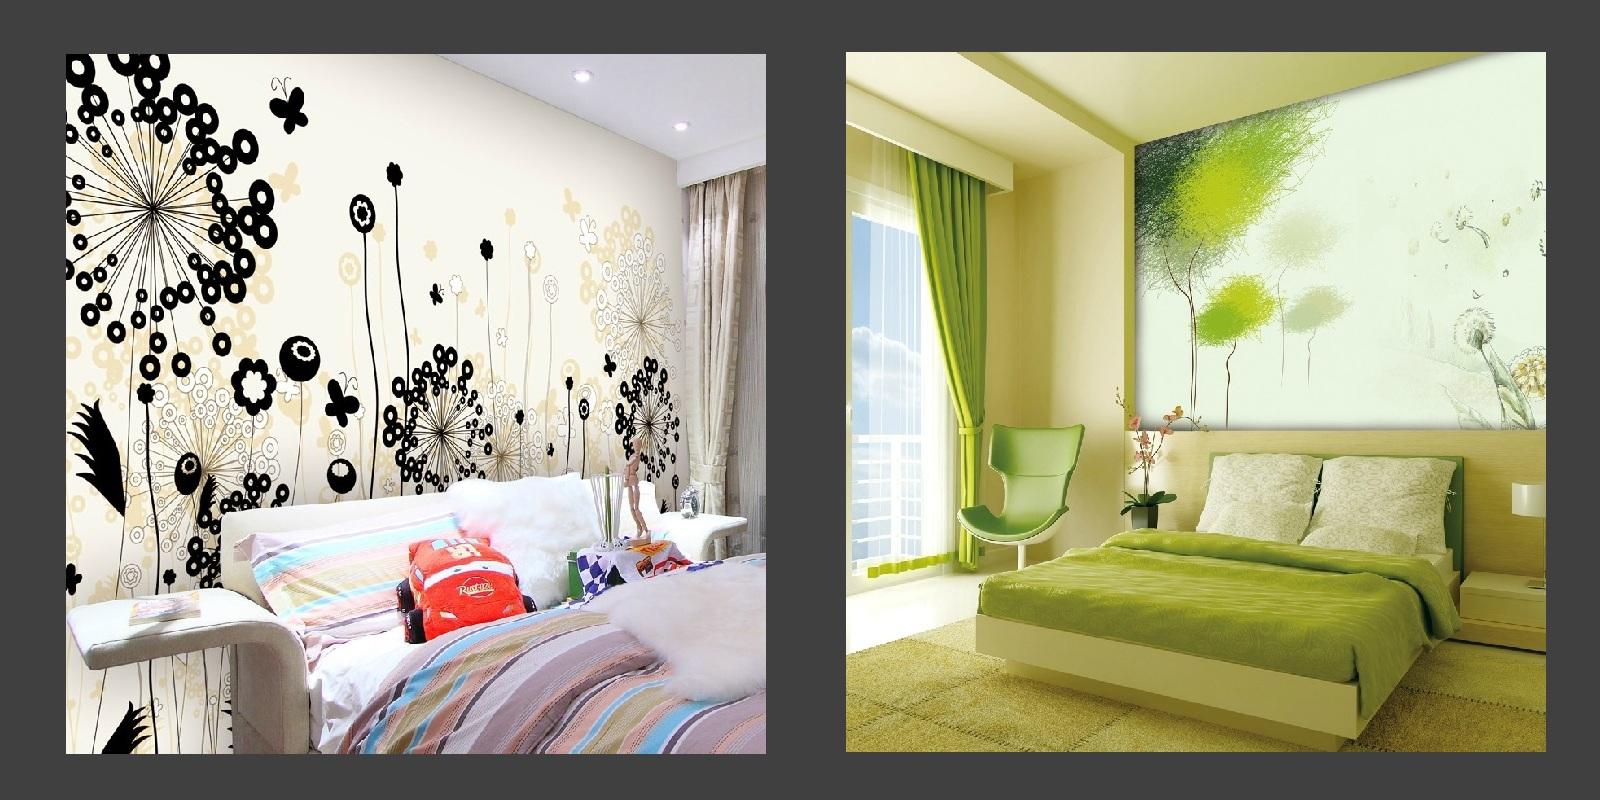 Wallpaper For Home Interiors Wallpapersafari